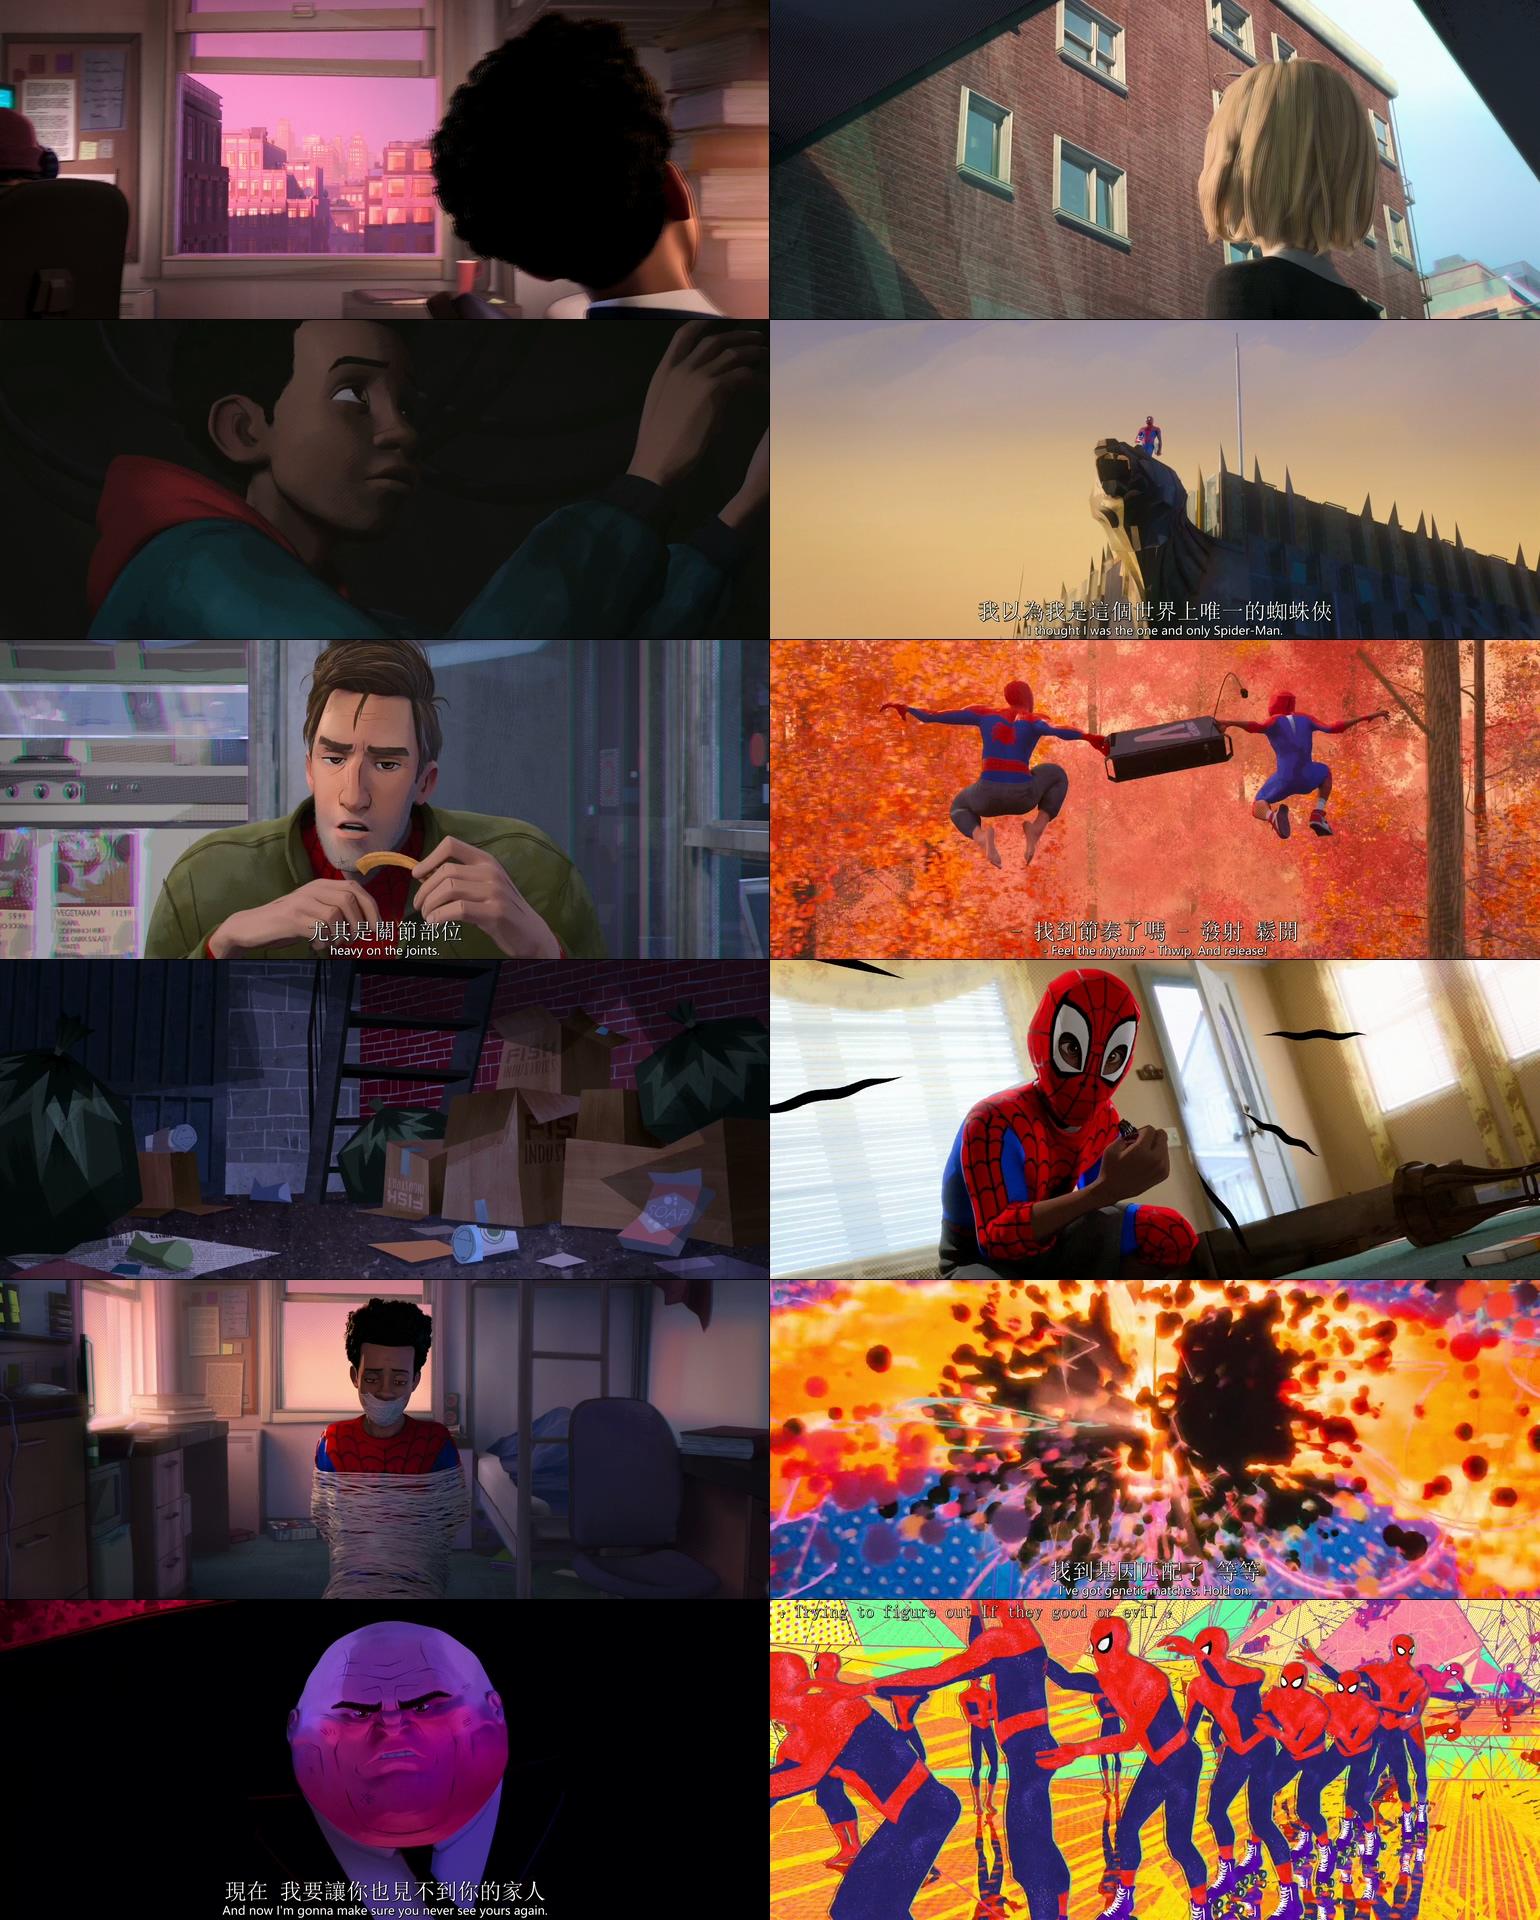 這邊是[美] 蜘蛛俠:平行宇宙/蜘蛛人:新宇宙.2018.HD-720p/1080p[MKV@3.5G@繁簡英]圖片的自定義alt信息;546790,727711,haokuku,36